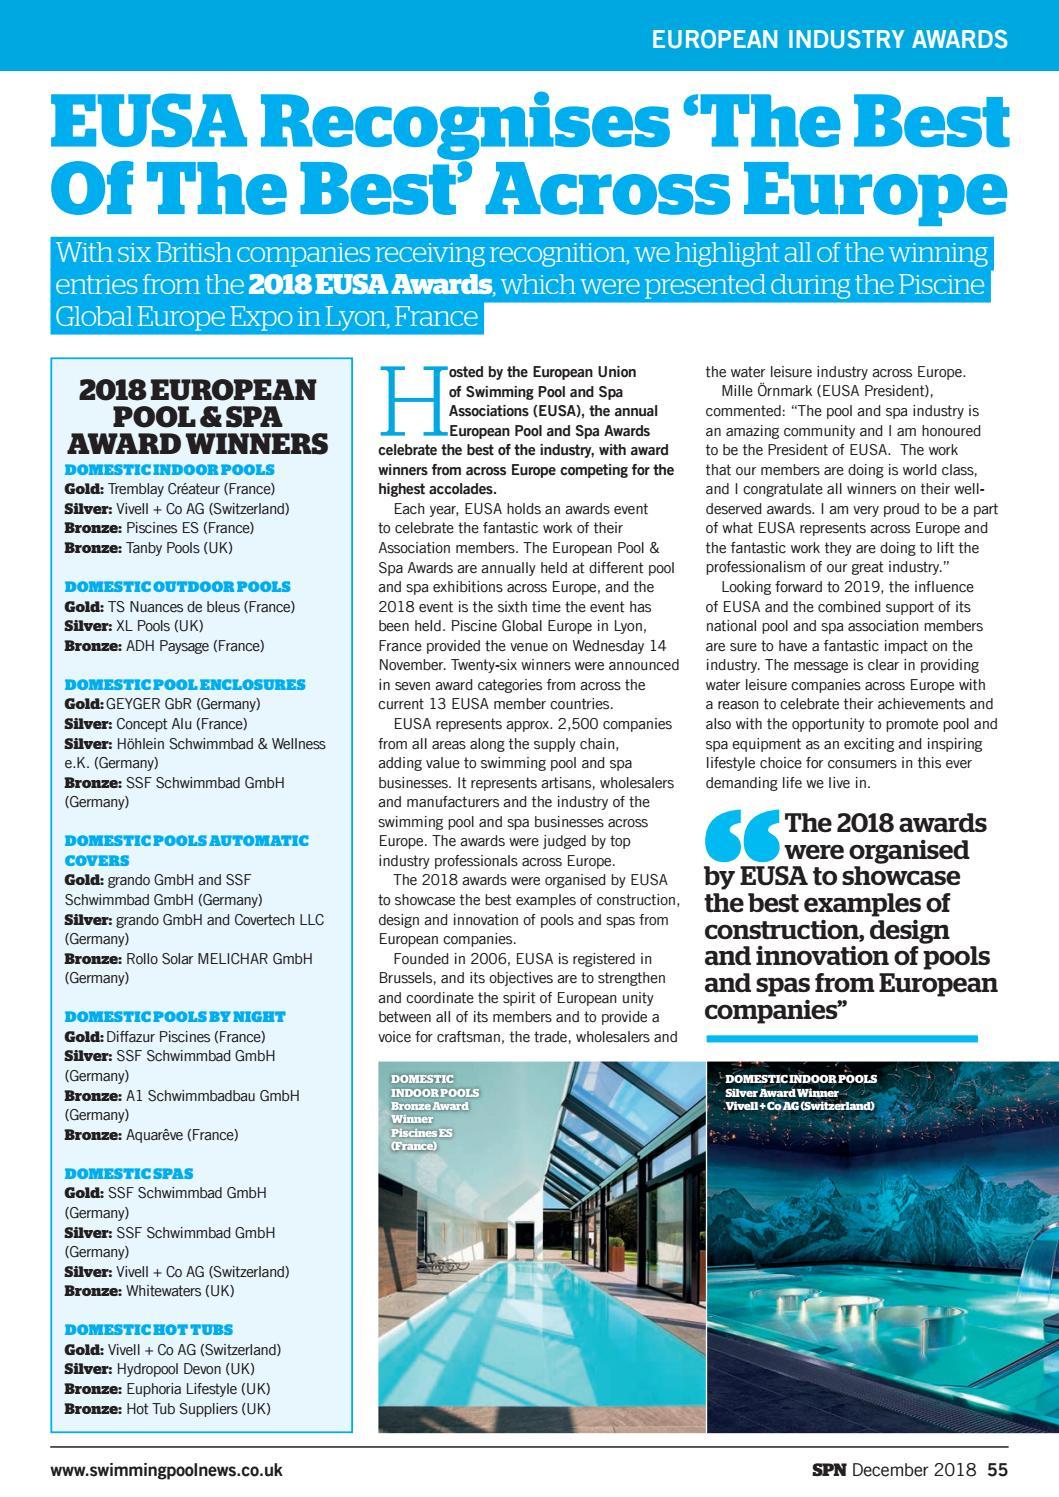 Piscines Es & Spas spn (swimming pool news) december 2018aqua publishing